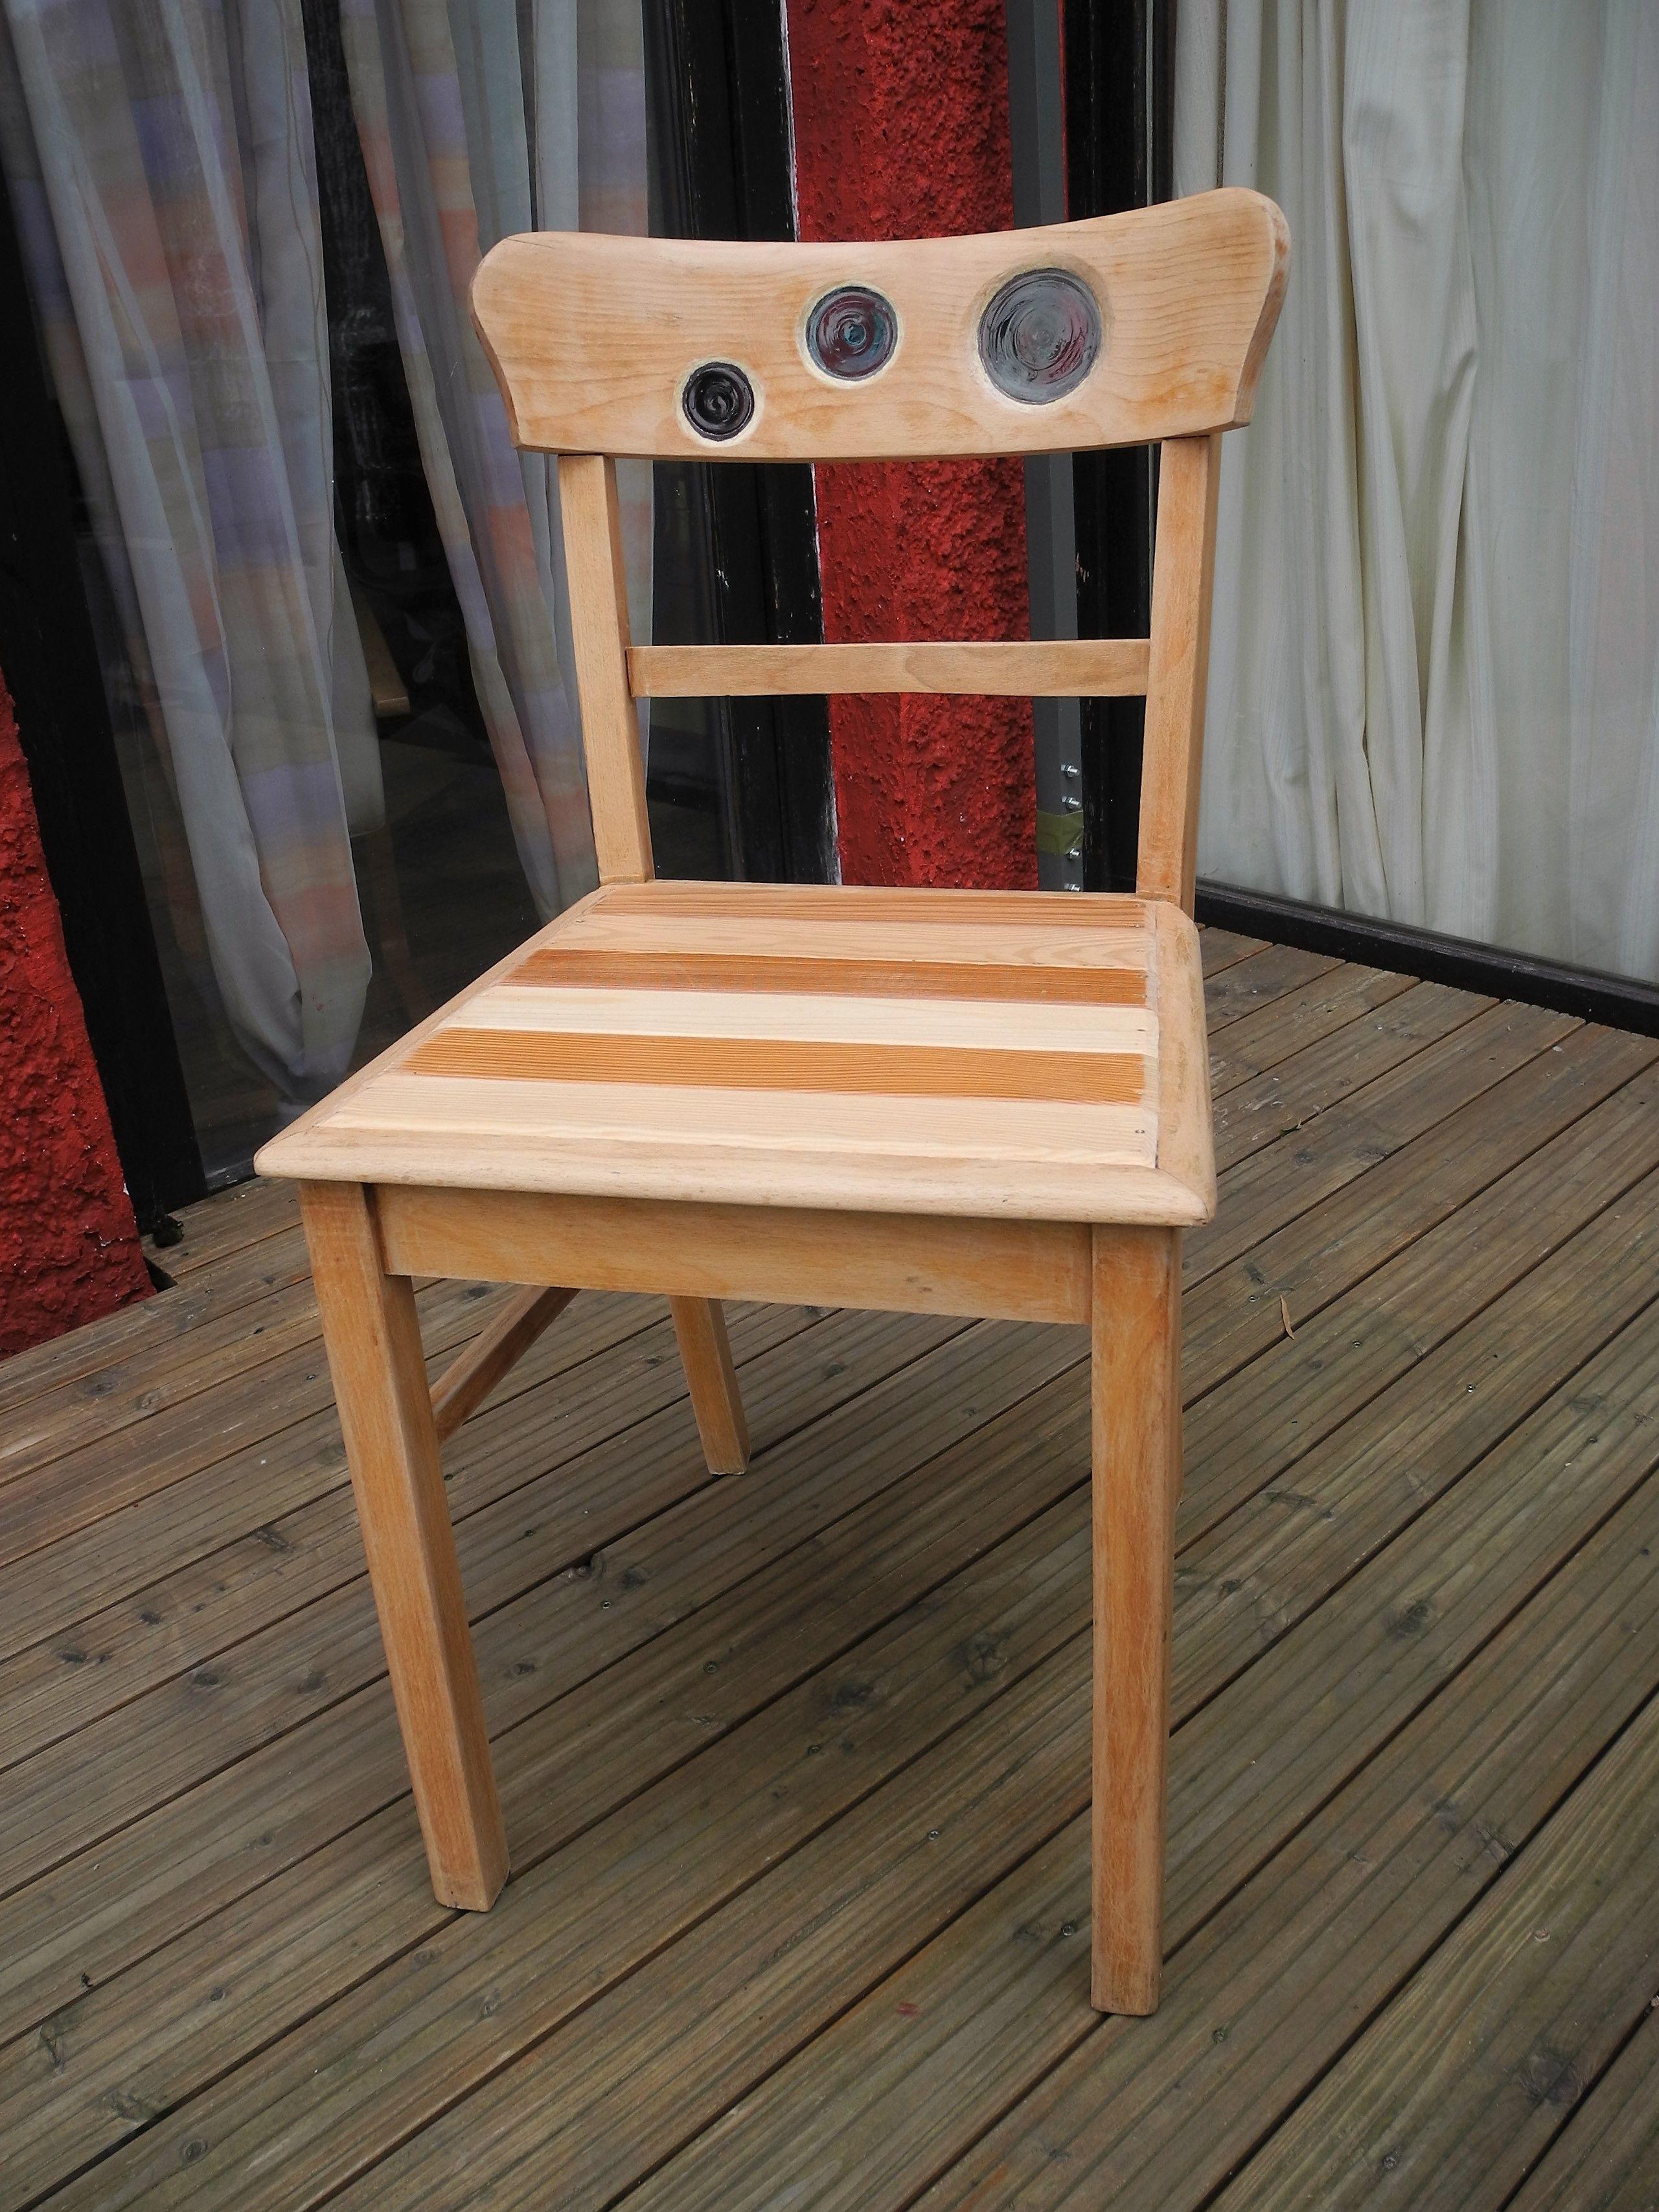 Alten Langweiligen Stuhl Fur Meine Freundin Neu Erfunden Glas Eingesetzt Und Sitzflache Mit Verschiedenem Holz Bestuckt Holz Ideen Holz Stuhle